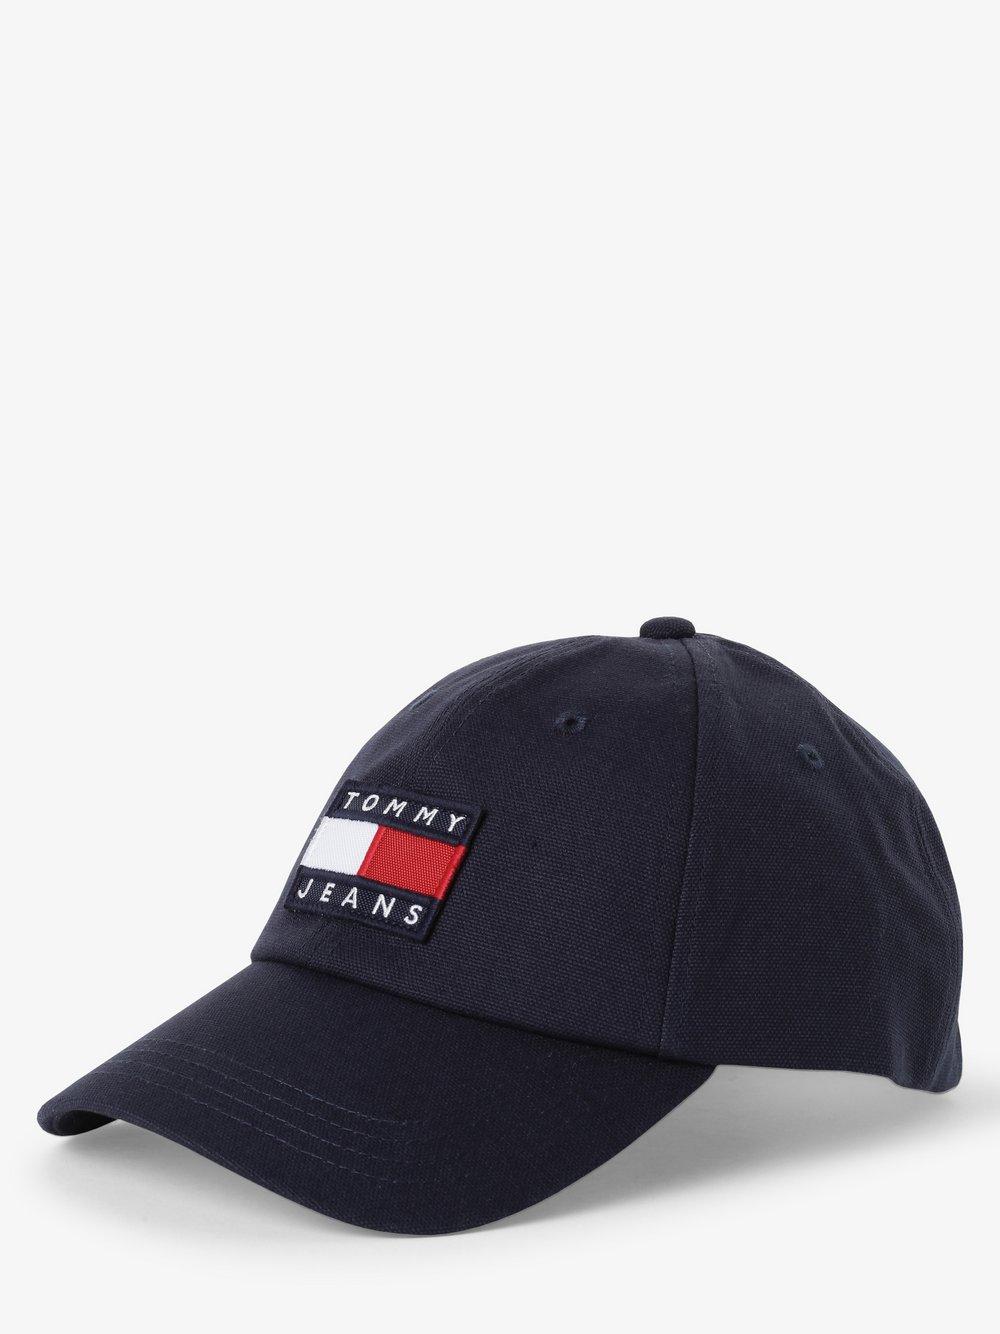 Tommy Jeans - Damska czapka z daszkiem, czarny